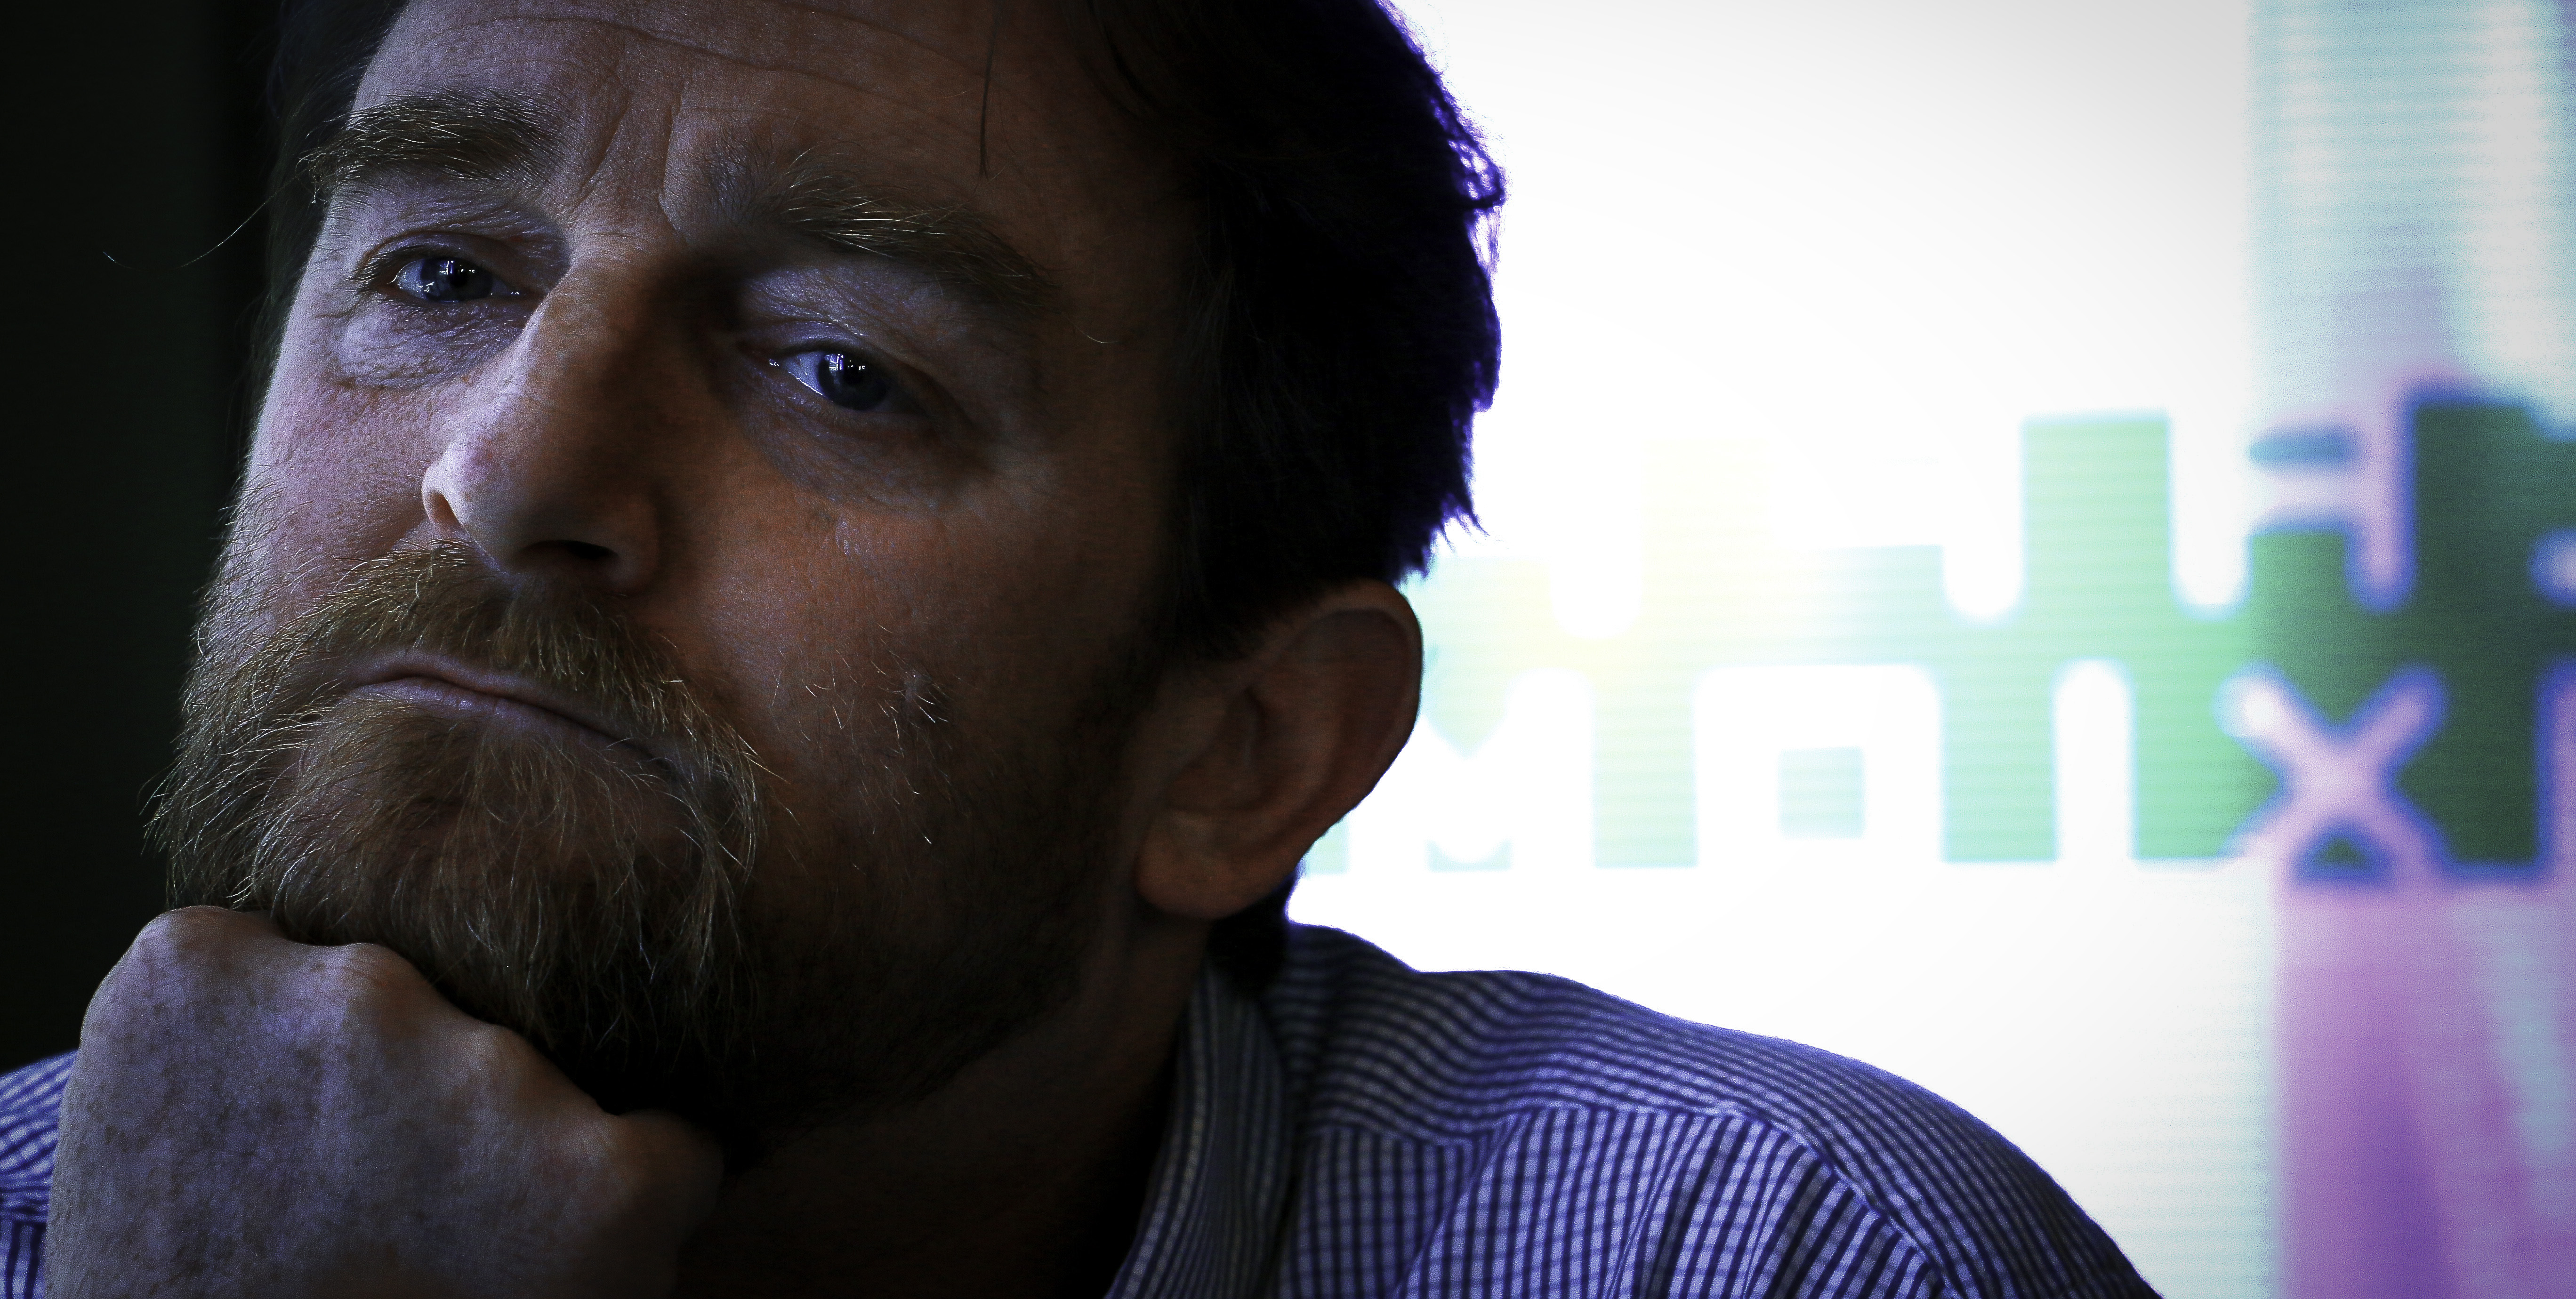 Tom Nicholson: Vyčítali mi, že som blázon bojujúci proti systému